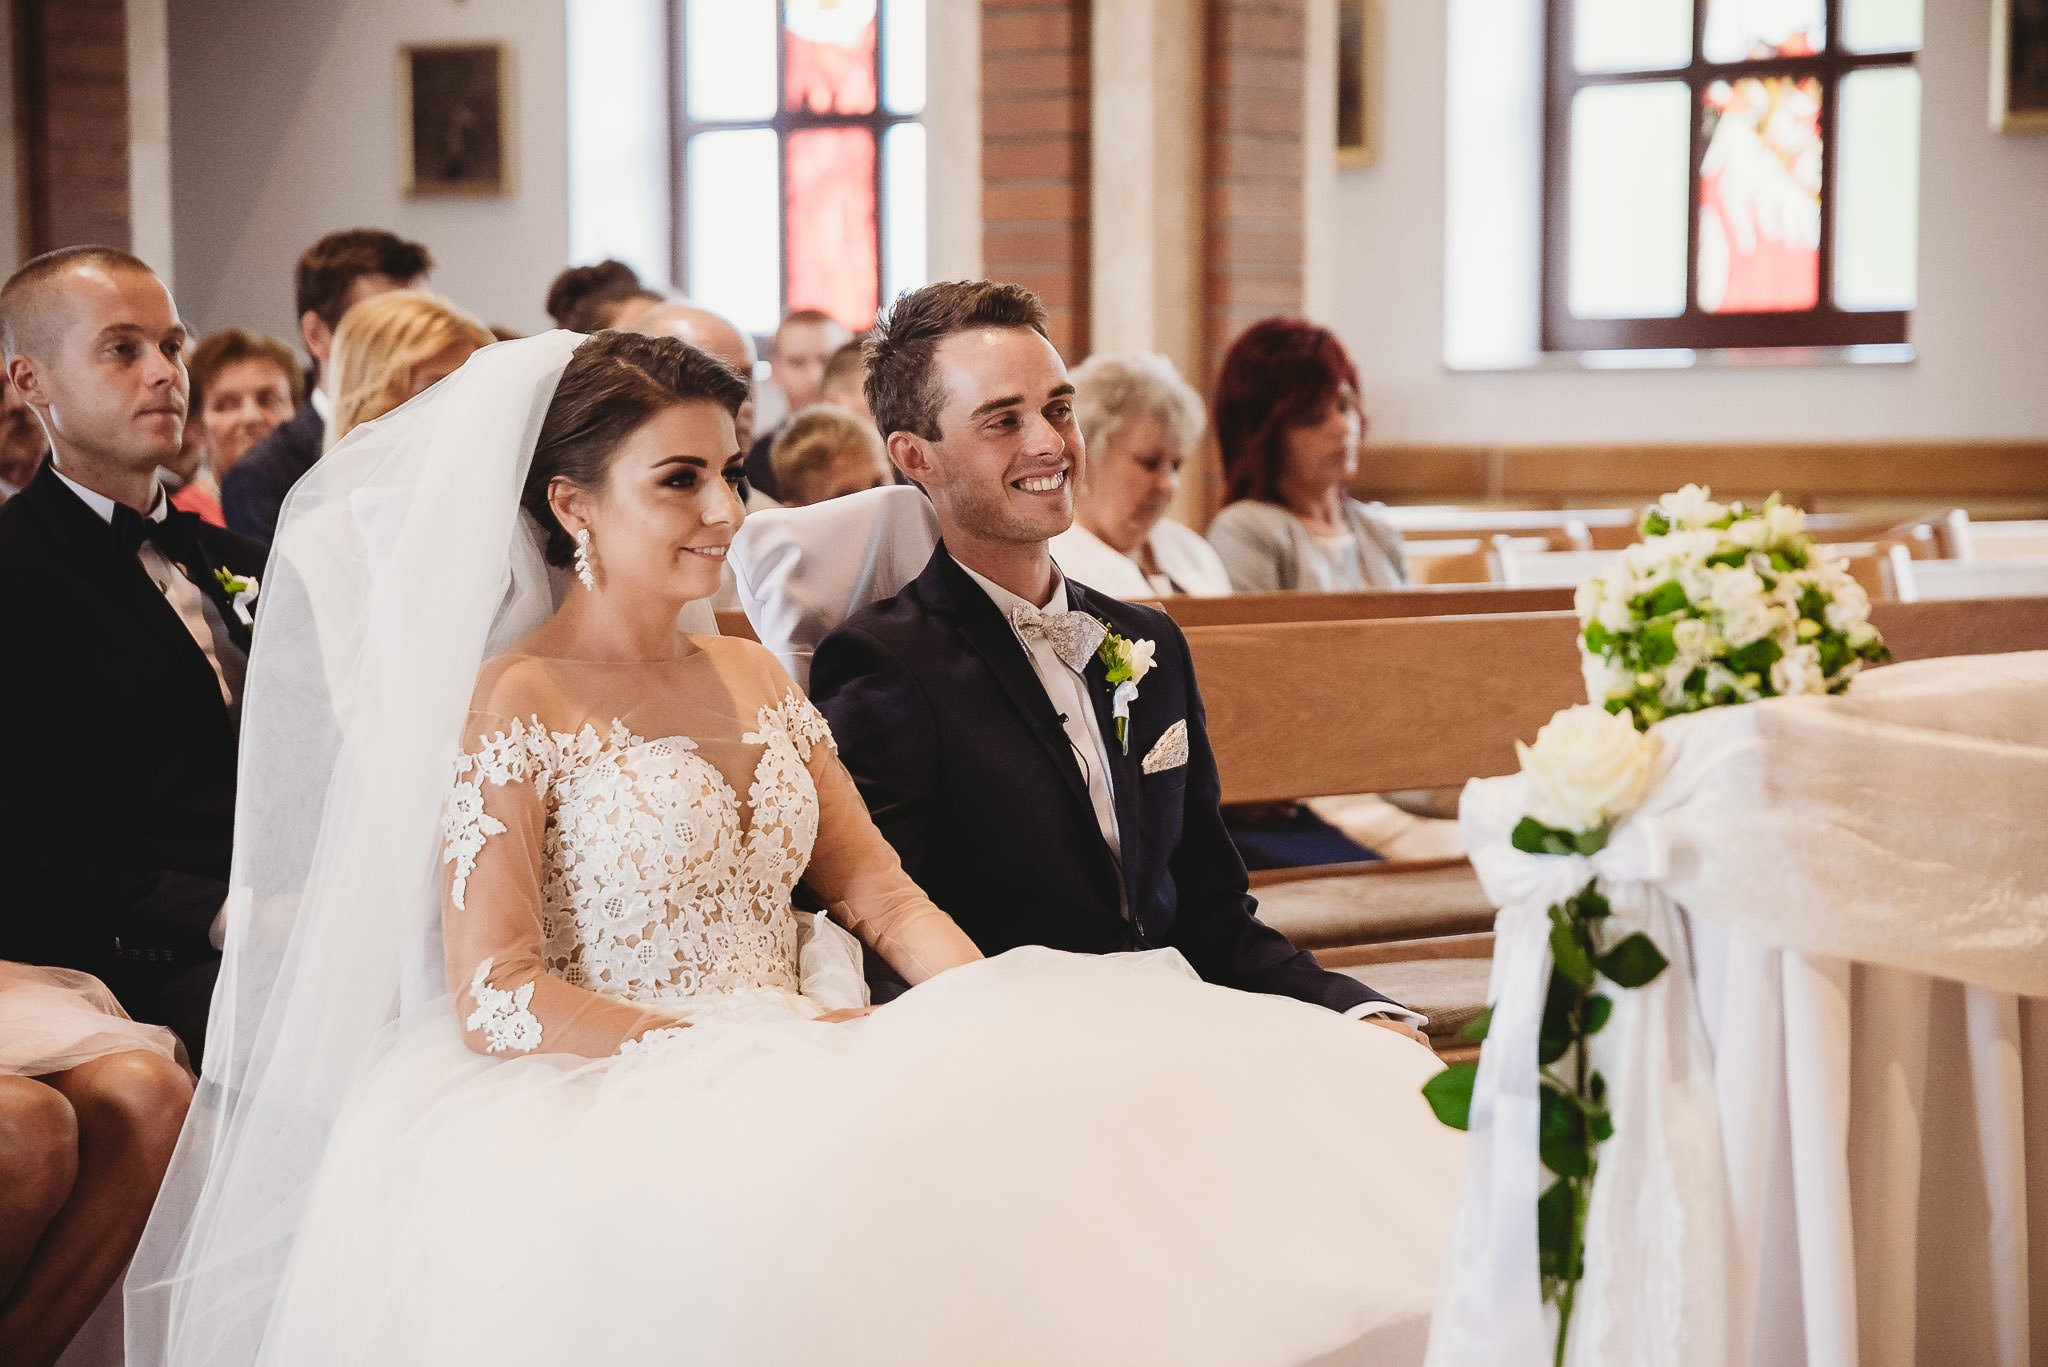 Angelika i Michał, piękne zdjęcia ślubne i sesja plenerowa w Gołuchowie 126